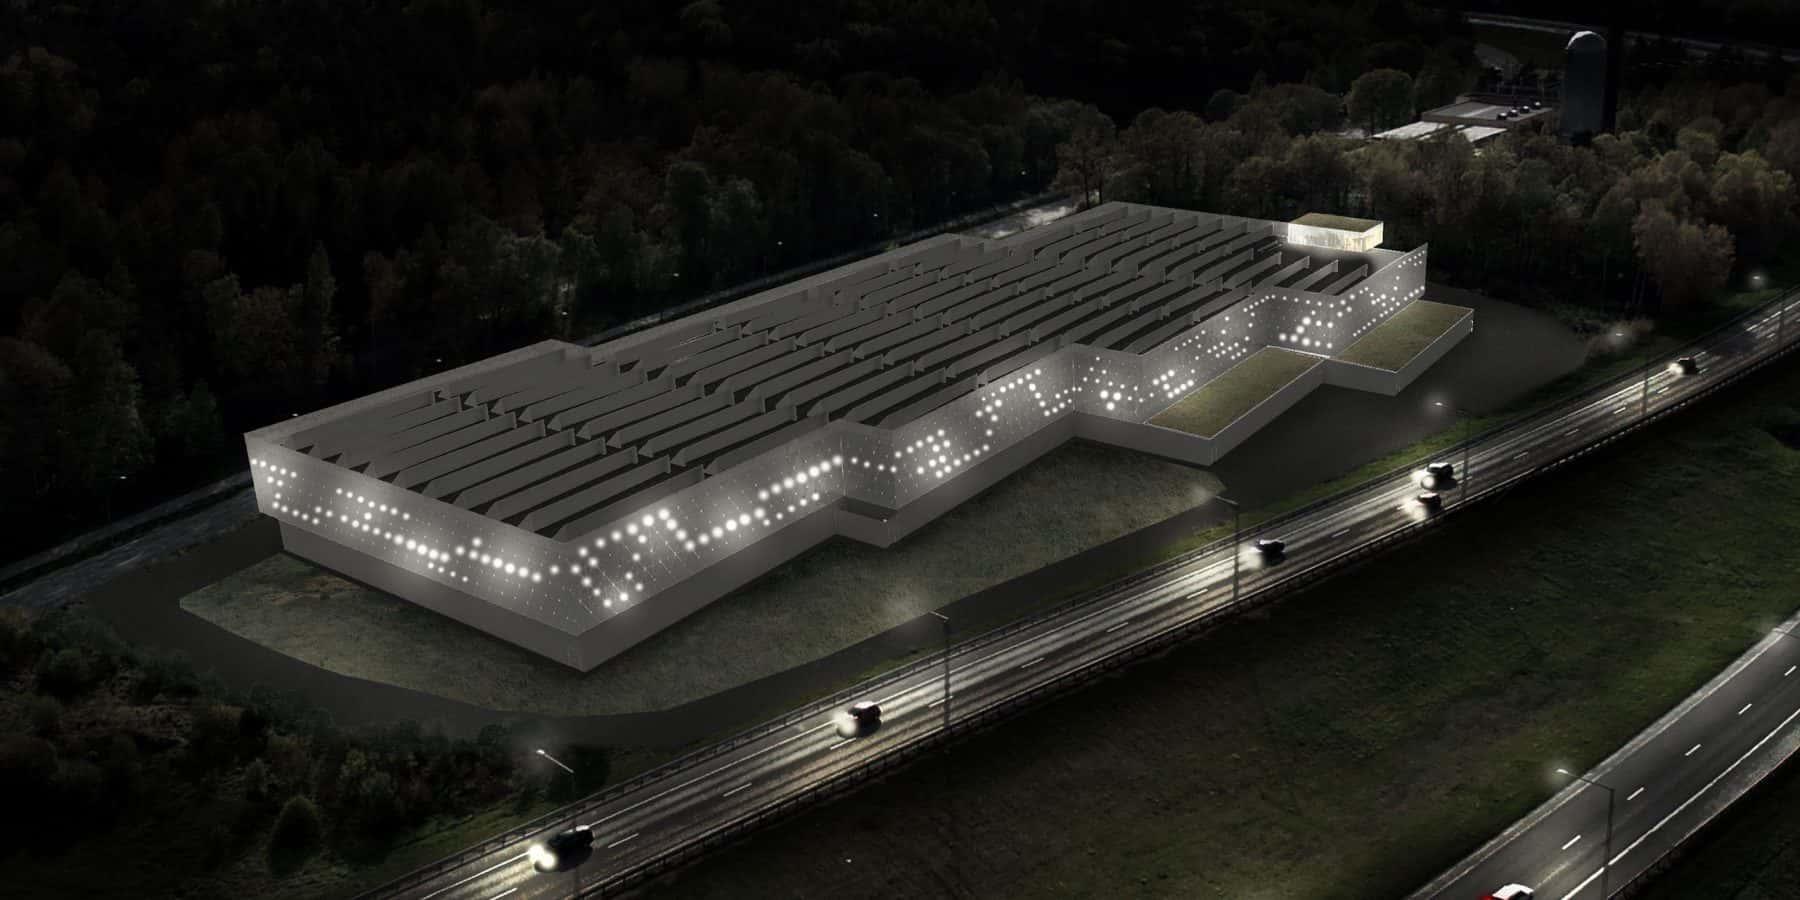 再エネで稼働するデータセンターの廃熱を暖房に利用するストックホルム